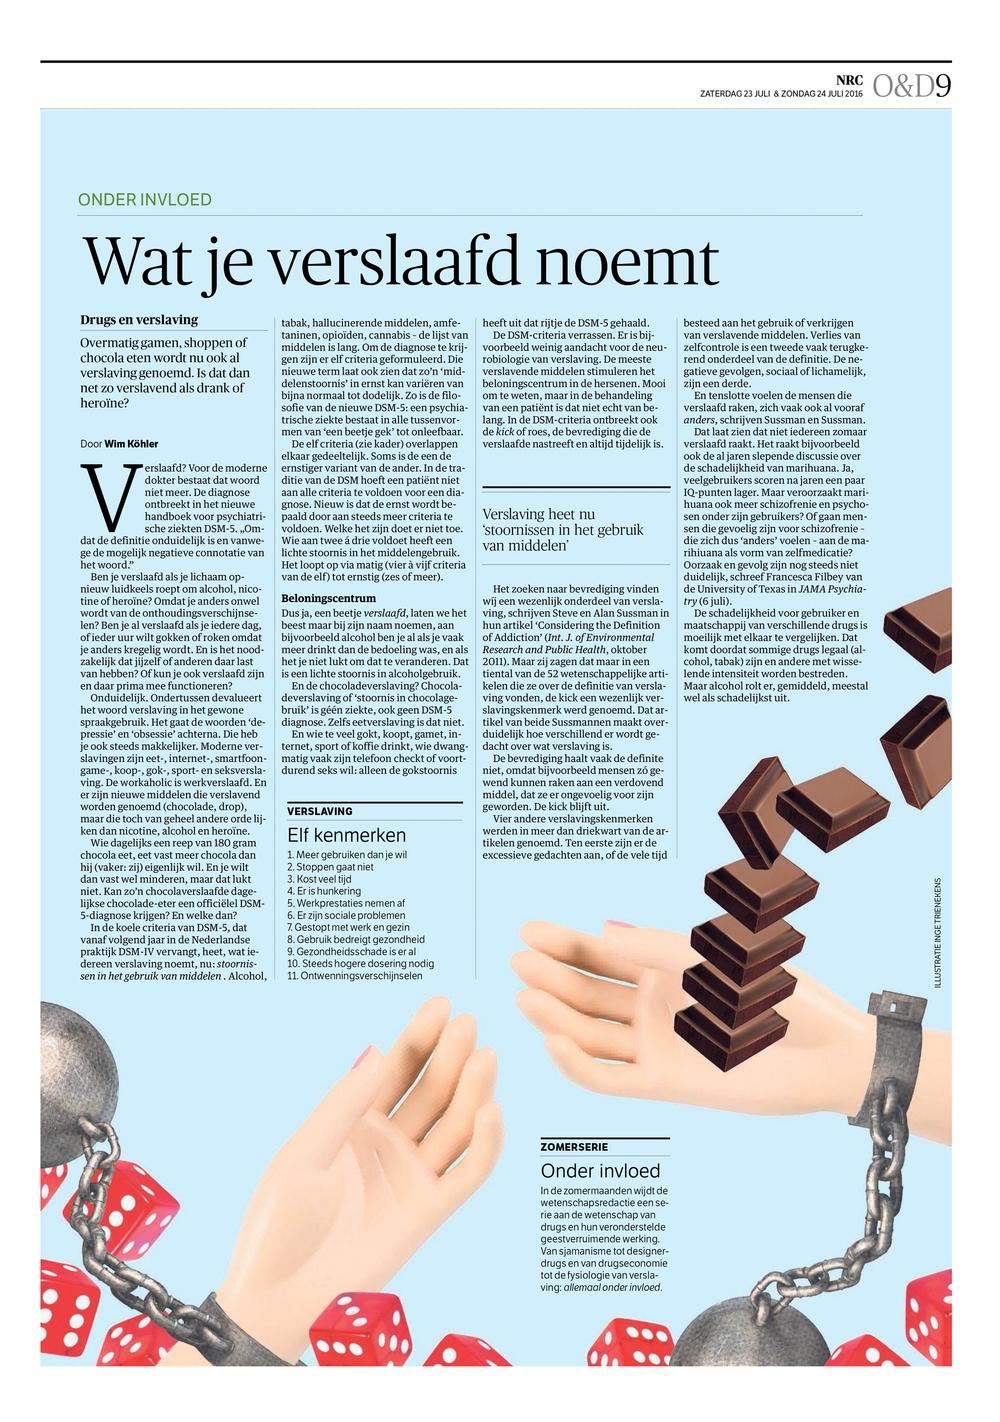 NRC Handelsblad - Wetenschap - Verslaaf.jpg